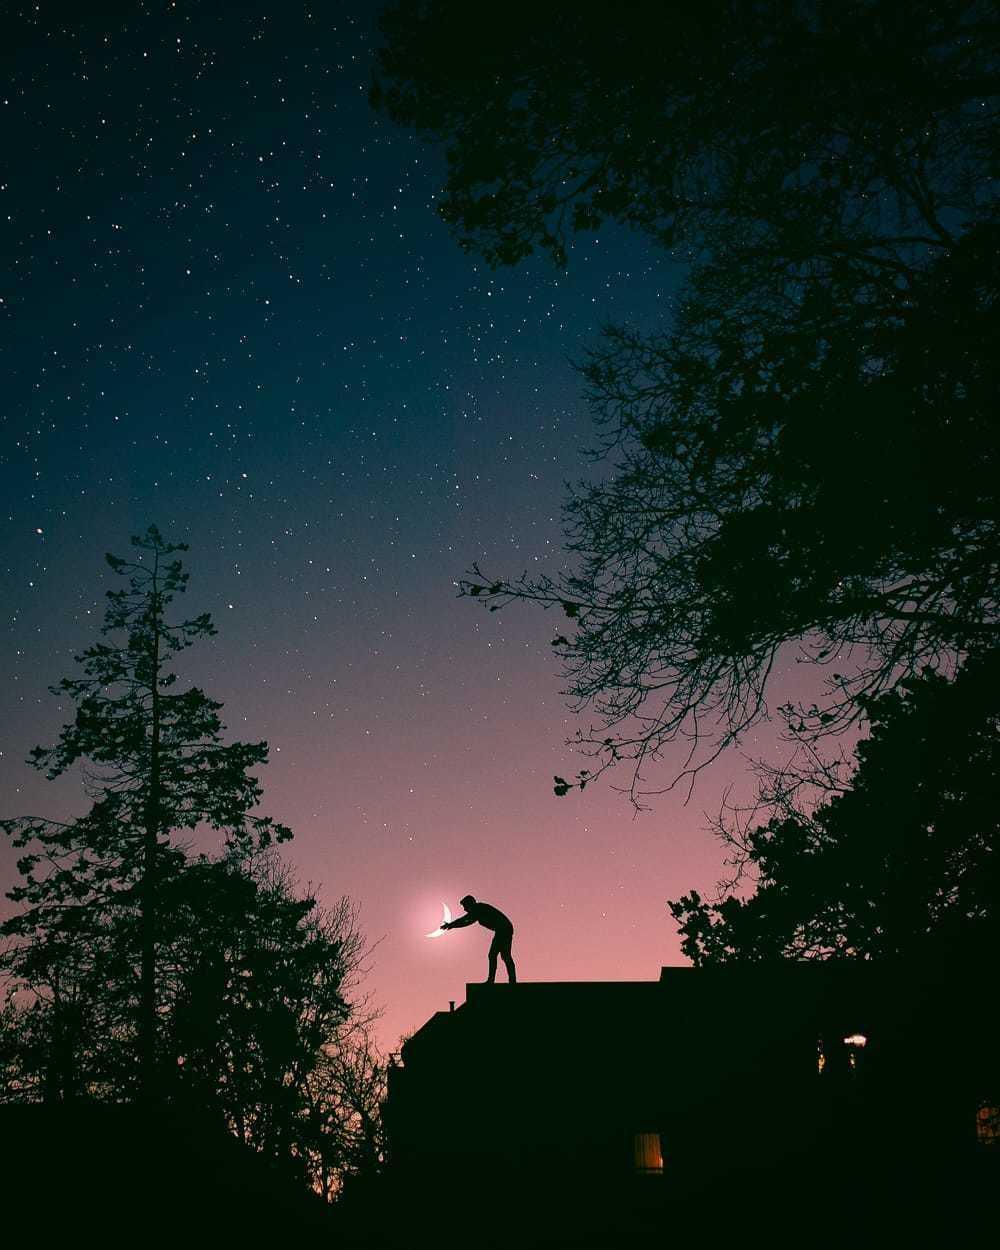 lunar light. via Simon Helms